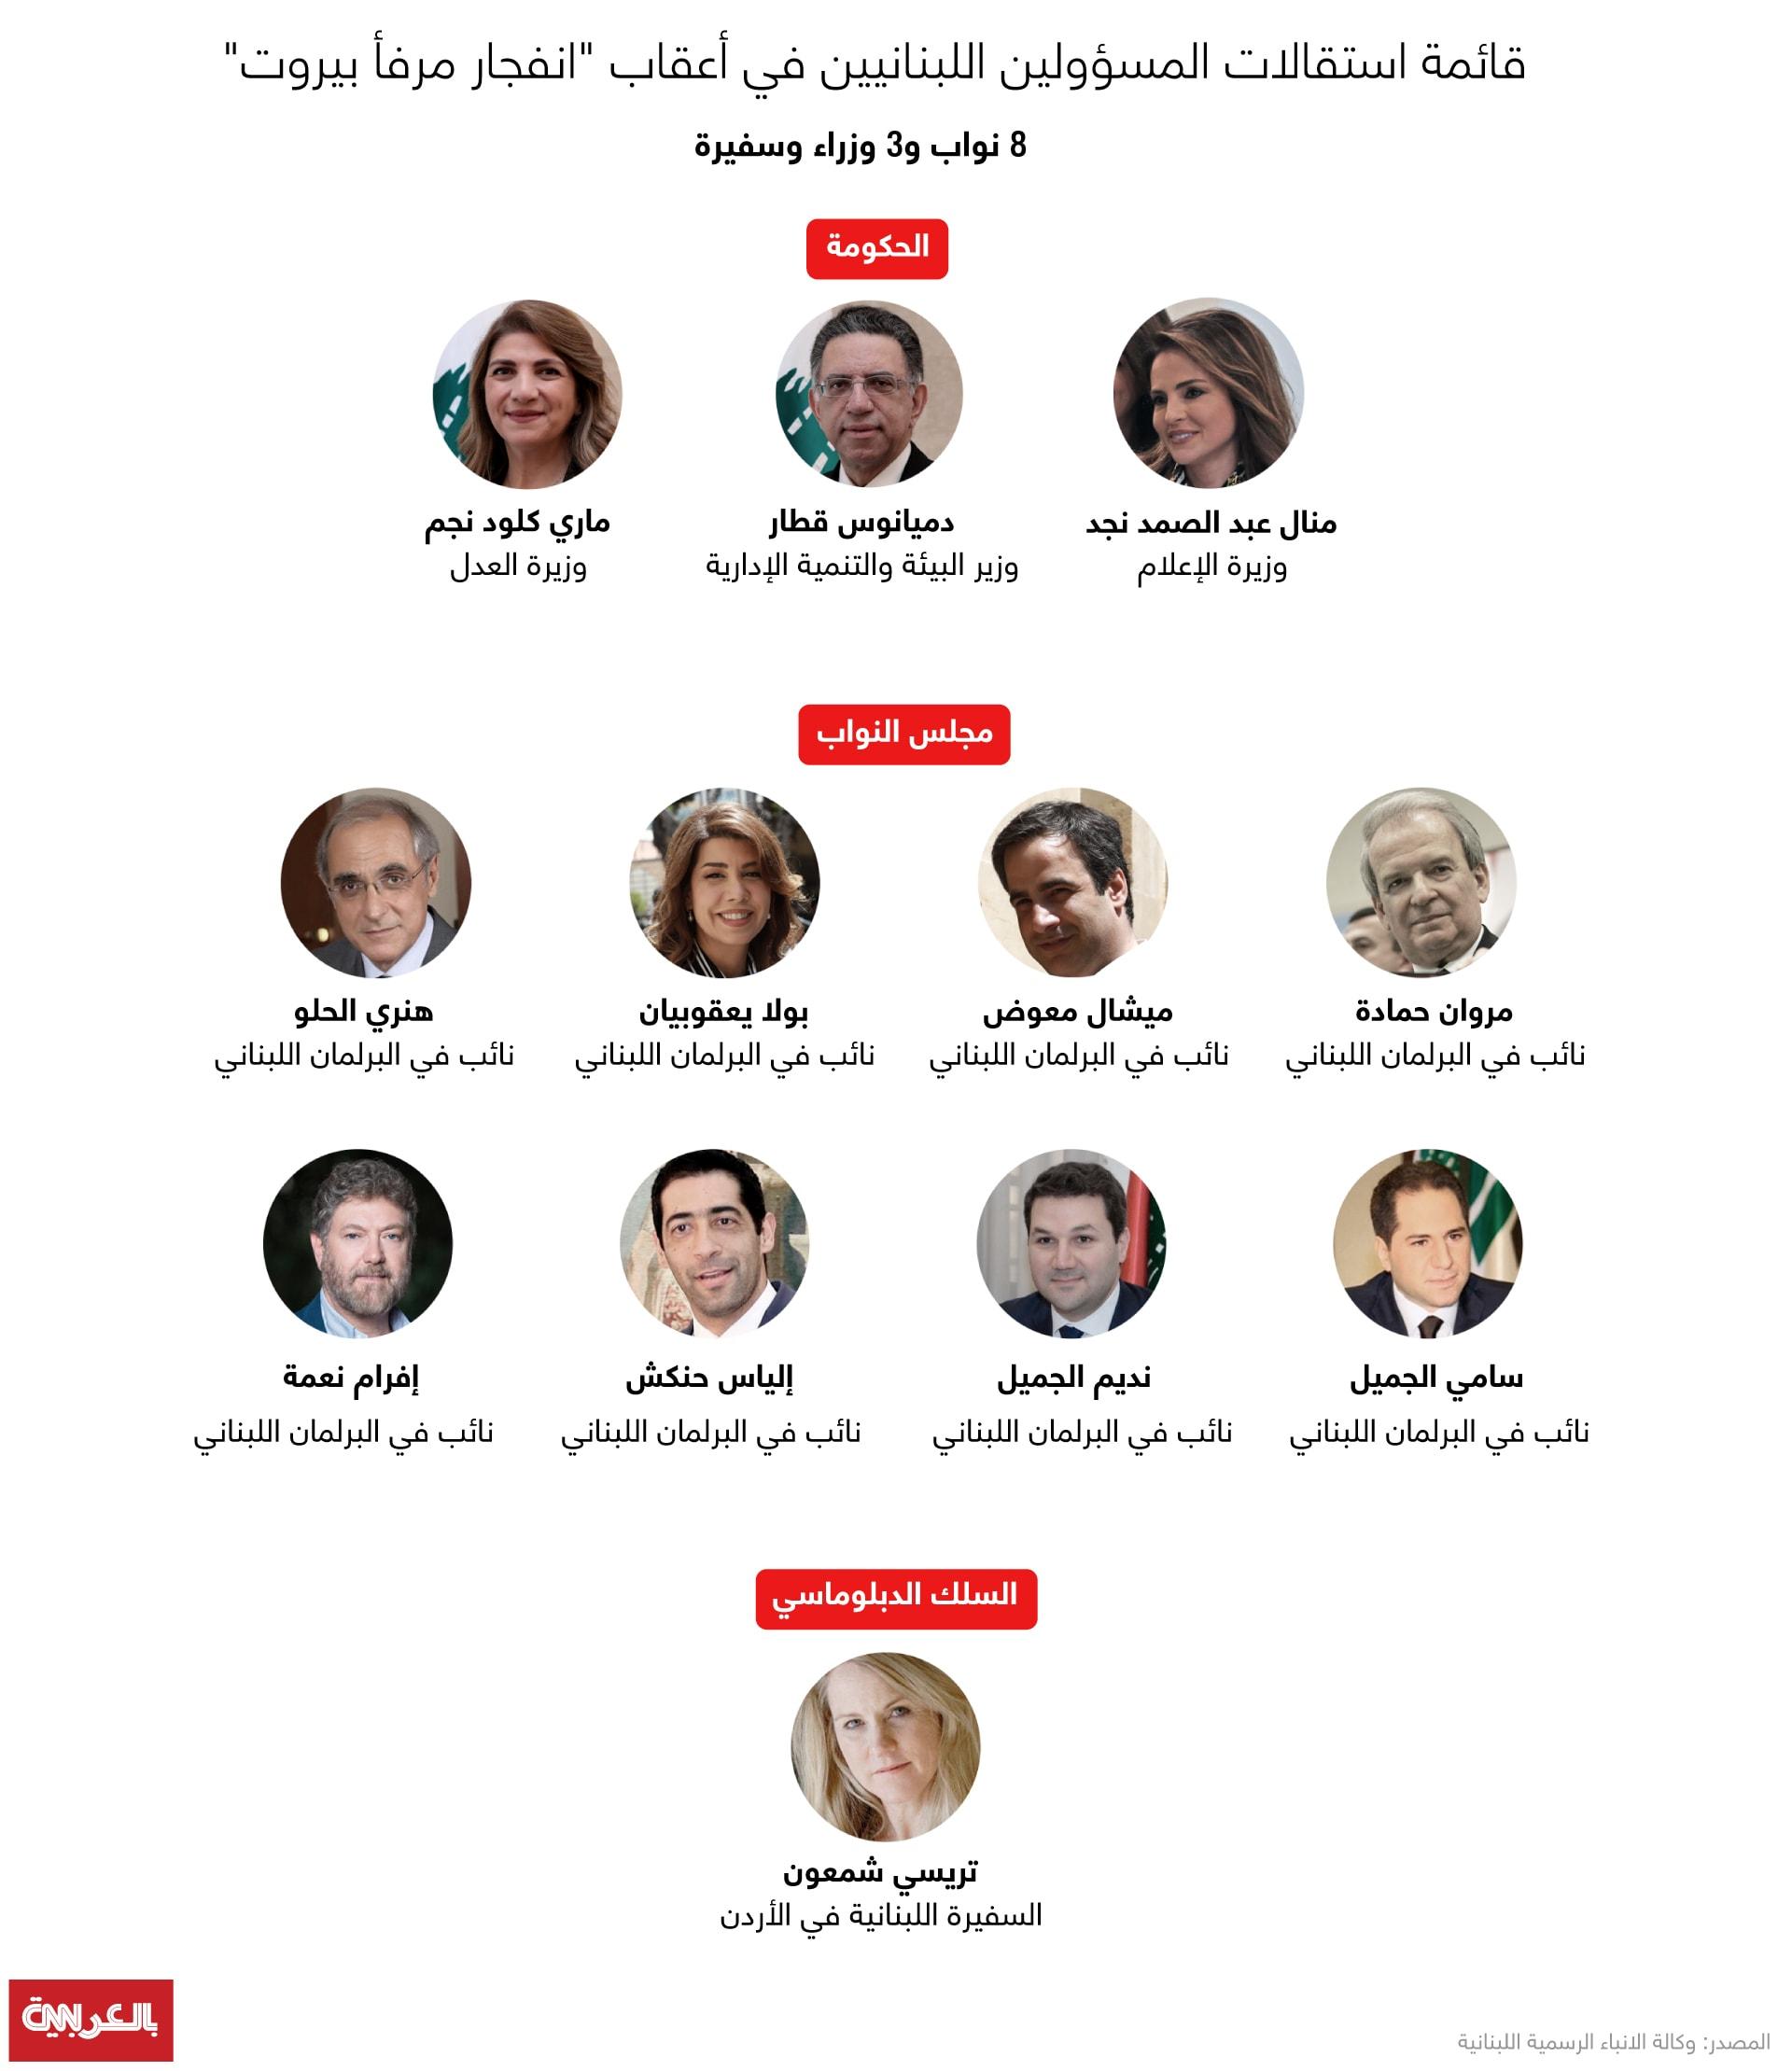 قائمة المسؤولين المستقيلين في لبنان في أعقاب انفجار مرفأ بيروت